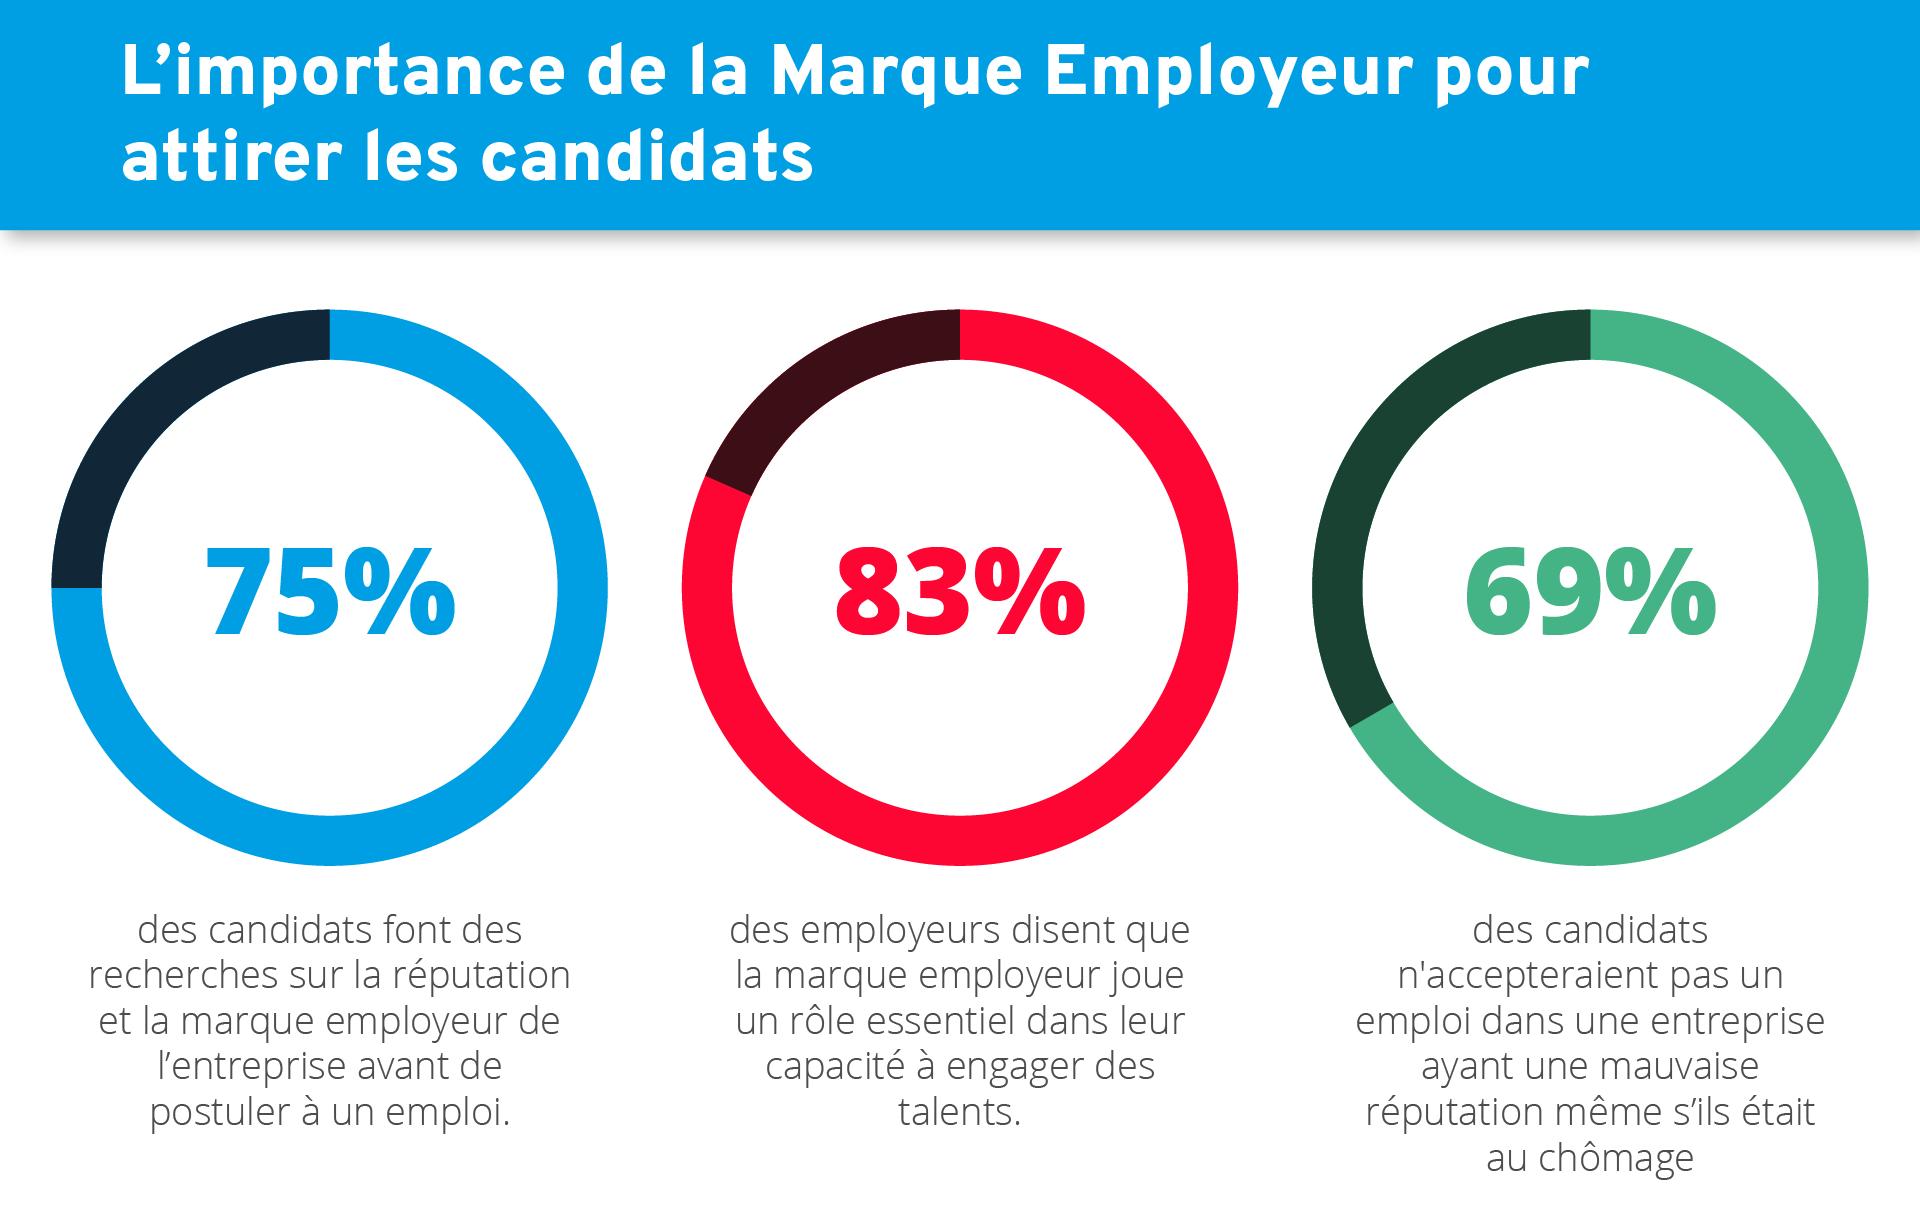 La marque employeur est prise en compte par les candidats